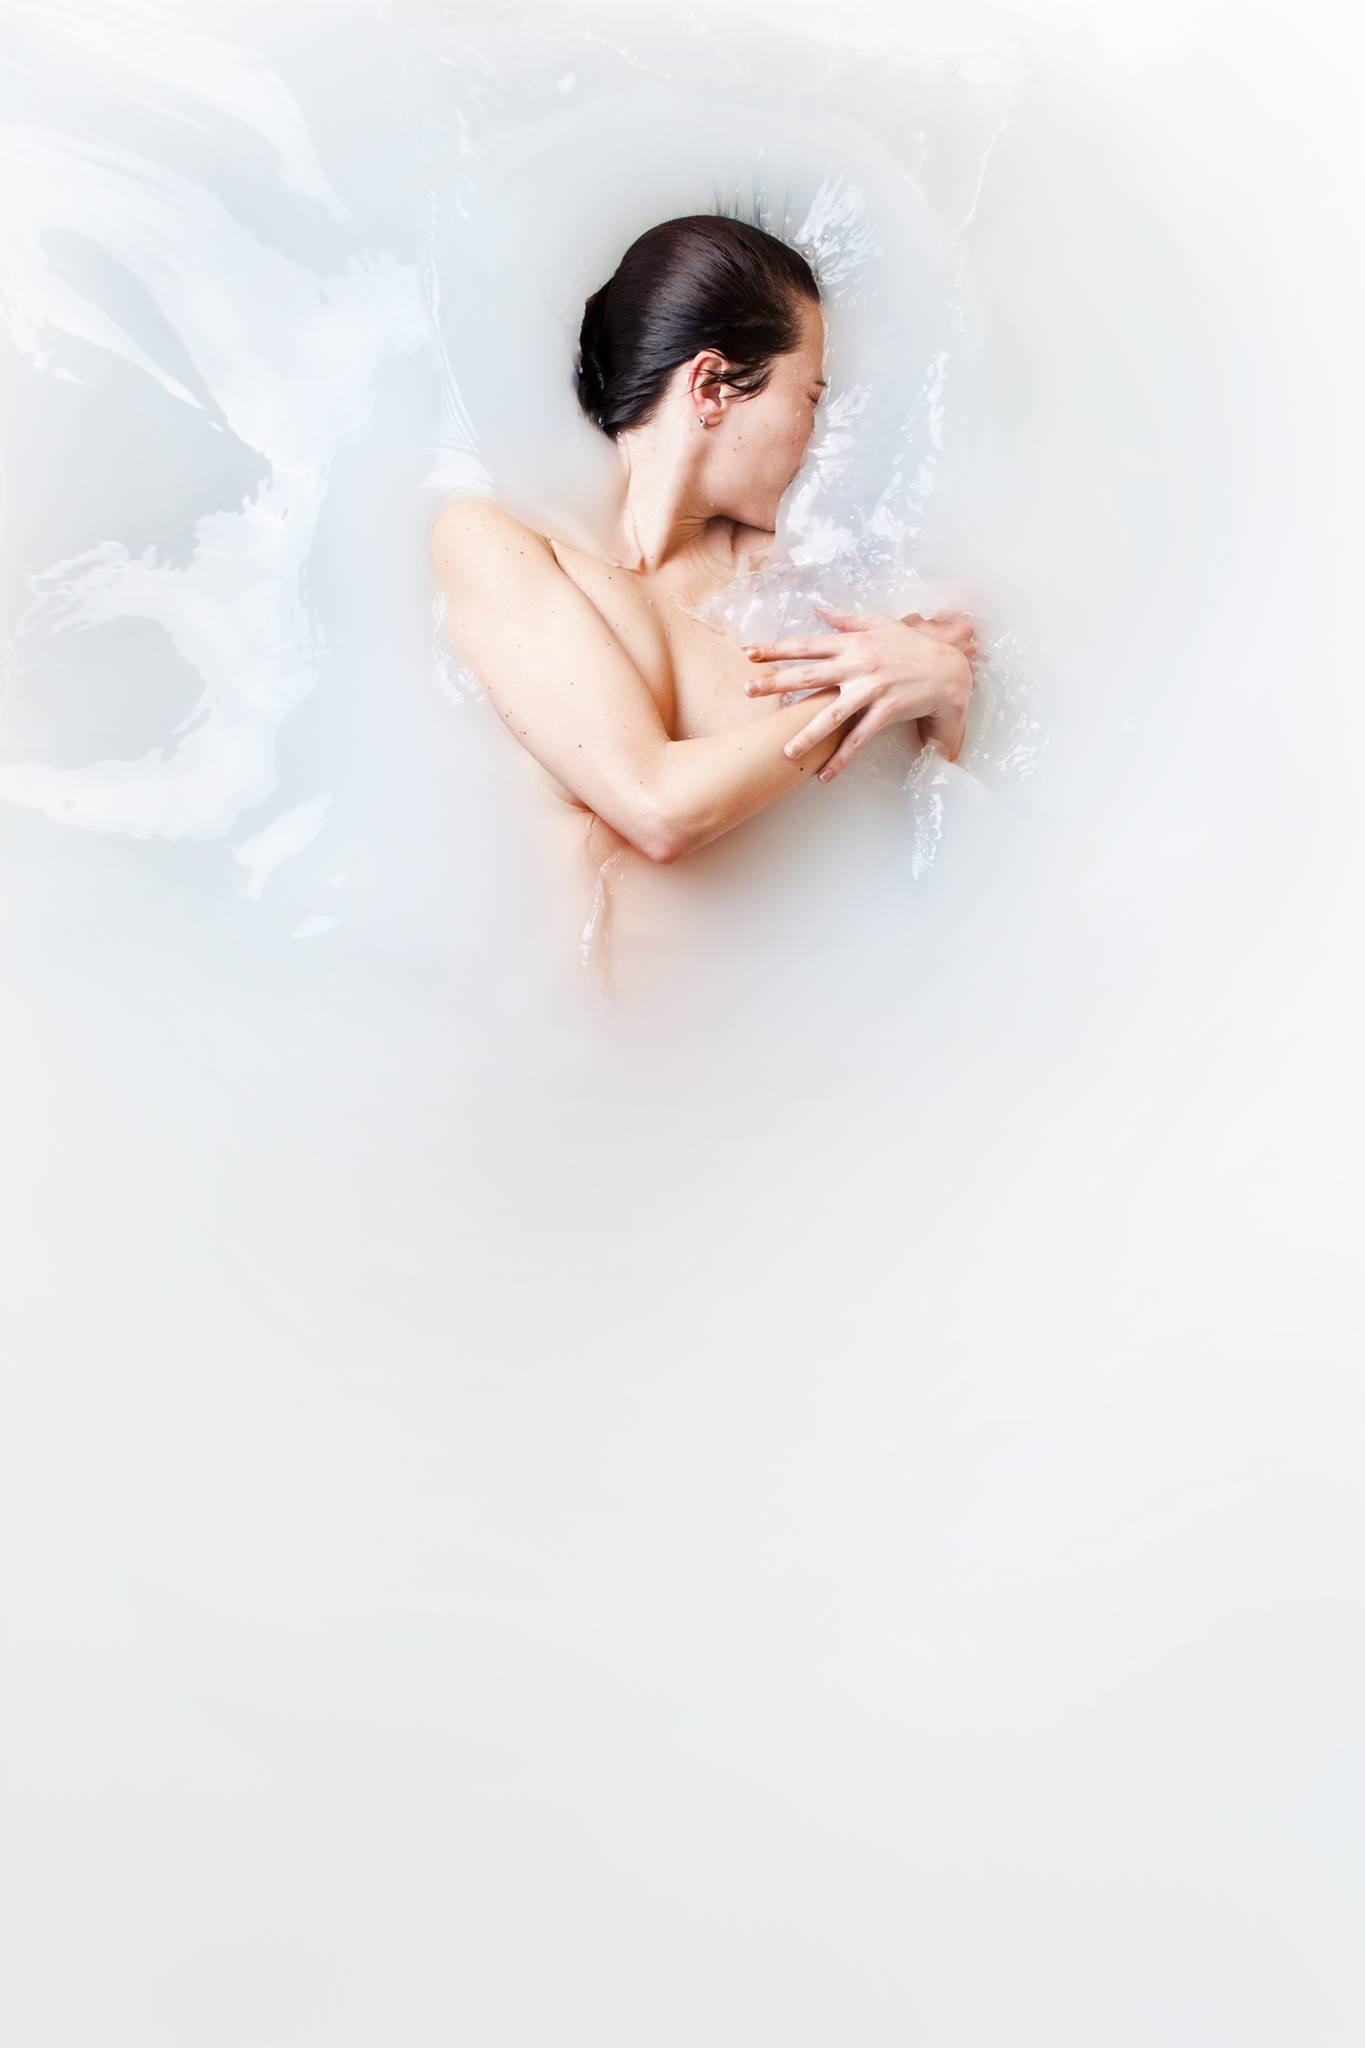 Changing Time, il progetto fotografico di Ramona Zordini